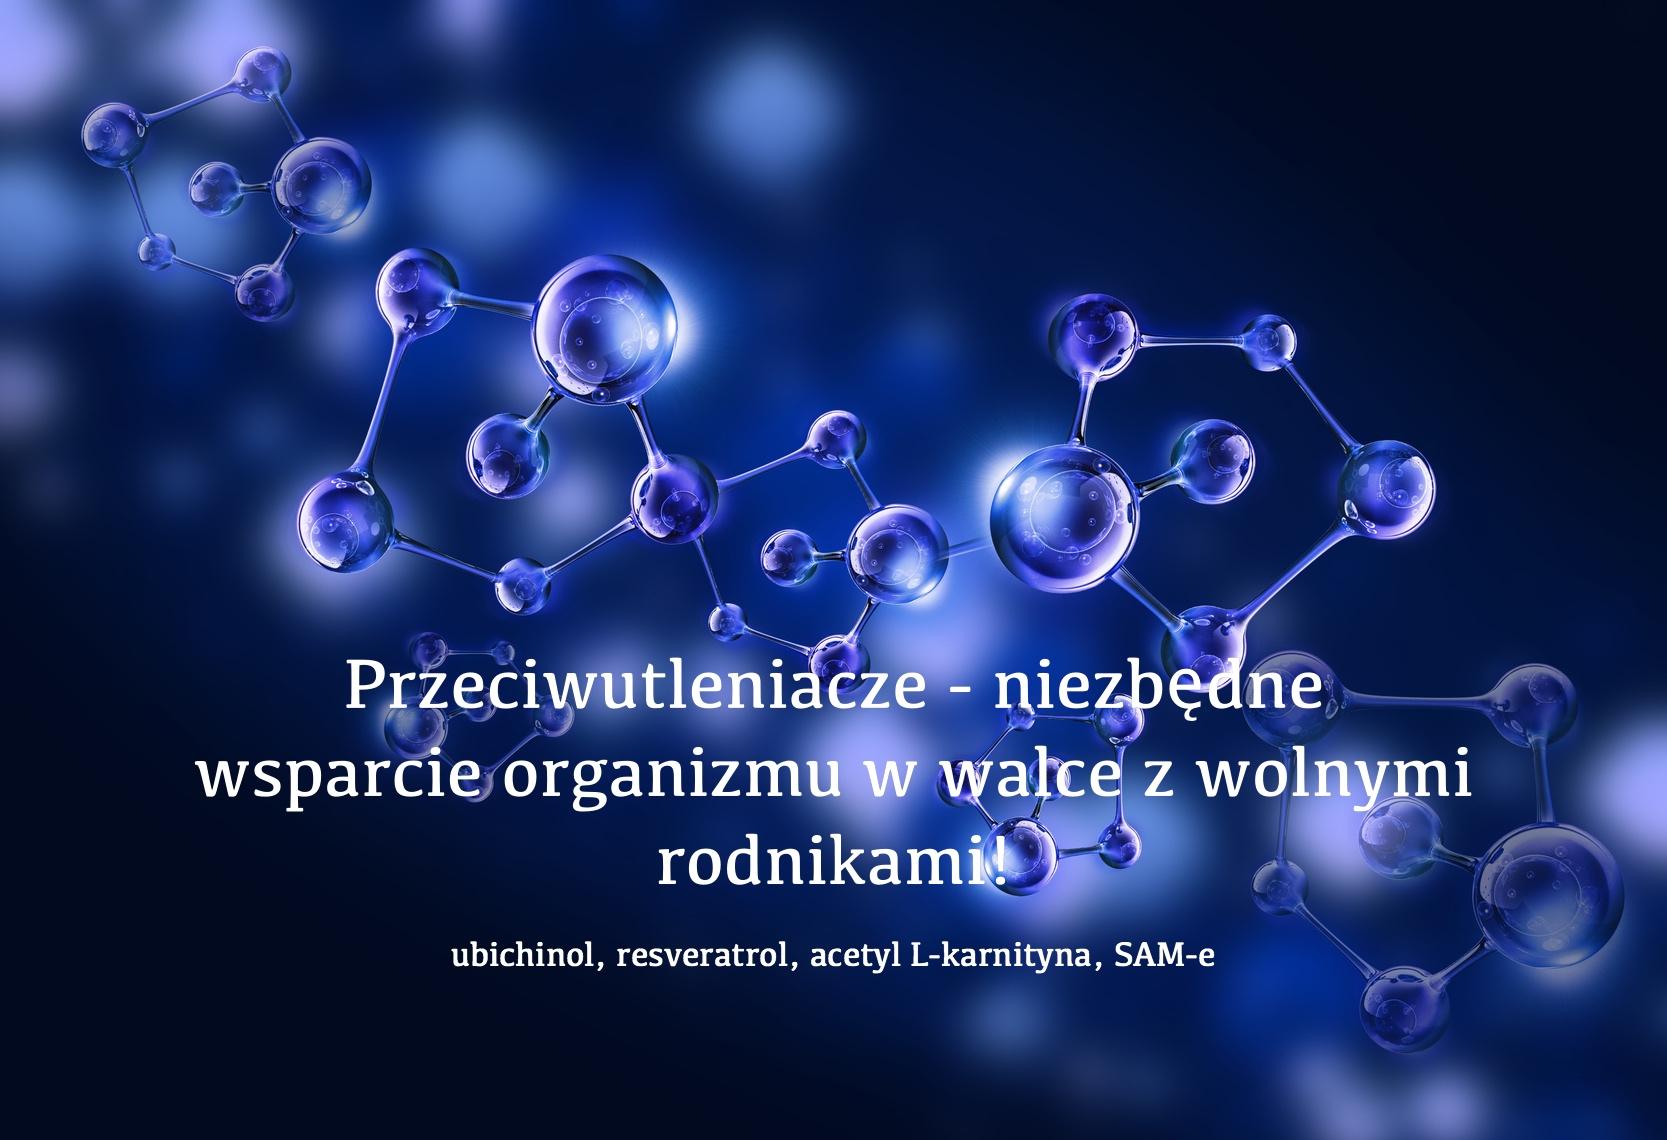 Przeciwutleniacze – niezbędne wsparcie organizmu w walce z wolnymi rodnikami (ubichinol, resveratrol, acetyl L-karnityna, SAM-e)